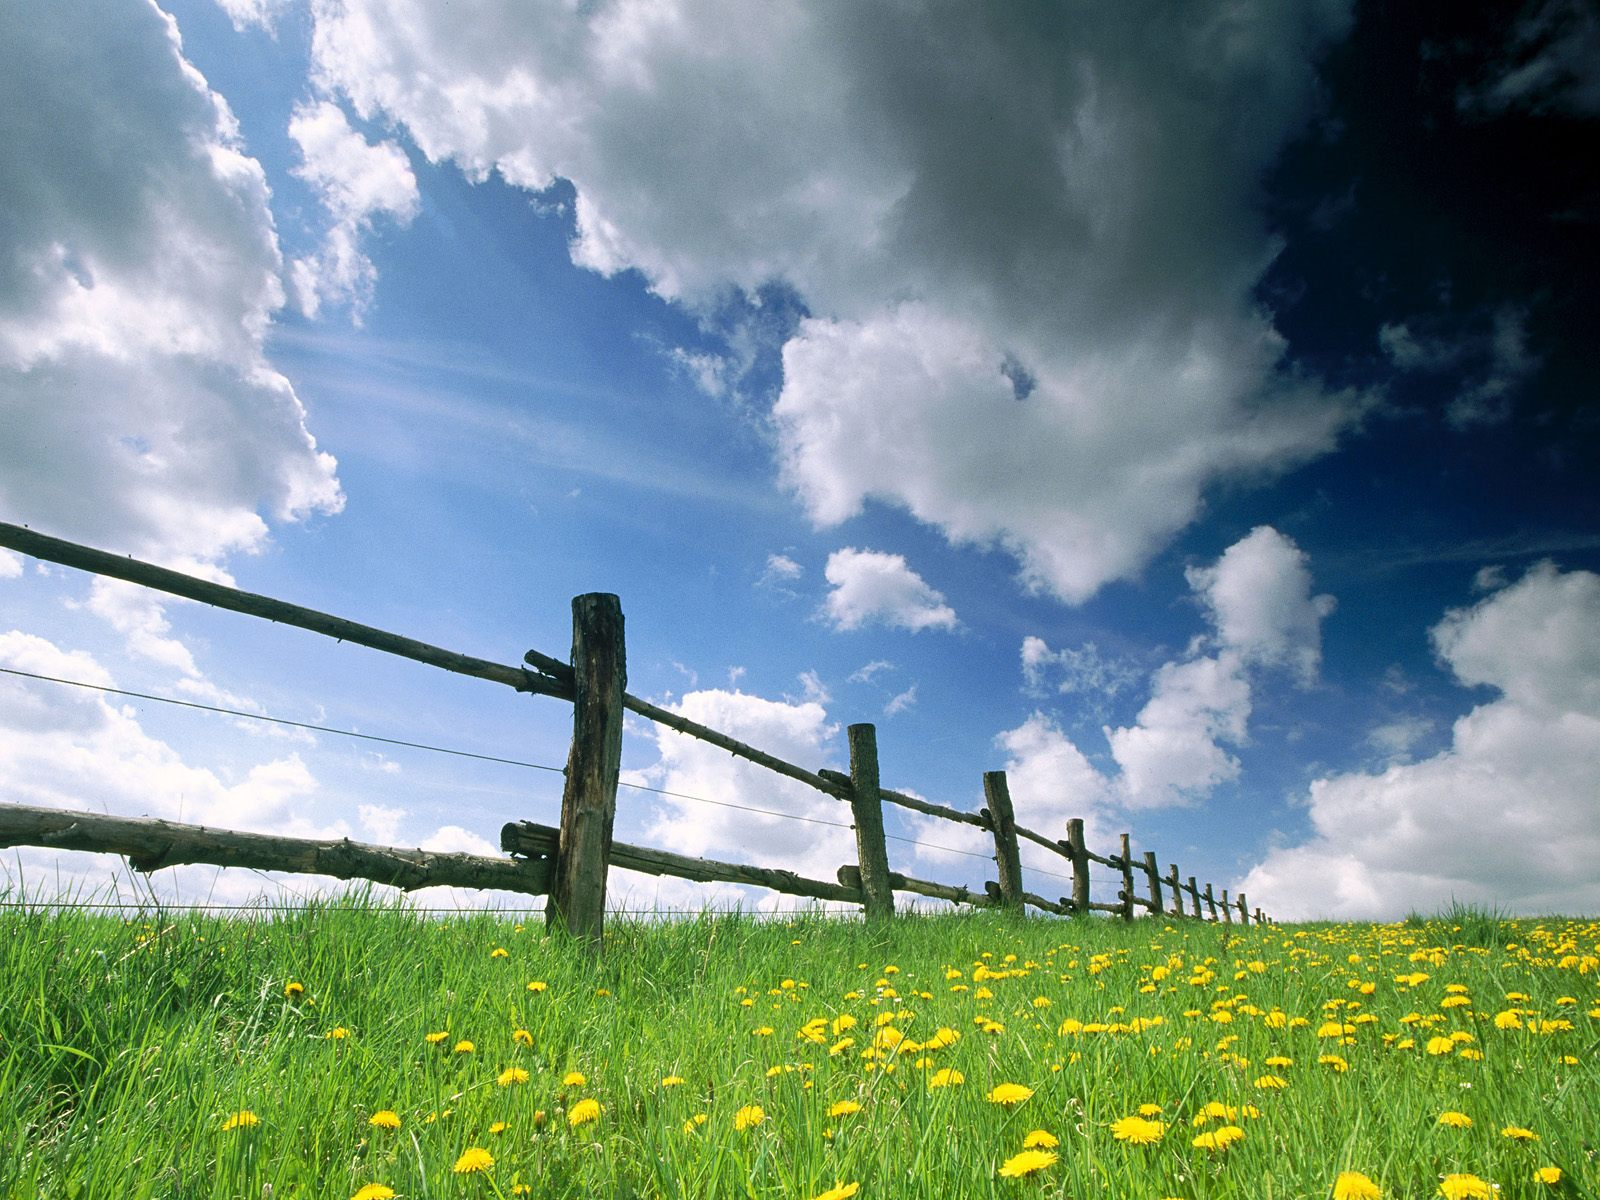 http://4.bp.blogspot.com/-1TKf88CEENQ/Tld_w0pJcvI/AAAAAAAACII/L9smHRFYC8A/s1600/grass+wallpaper.jpg